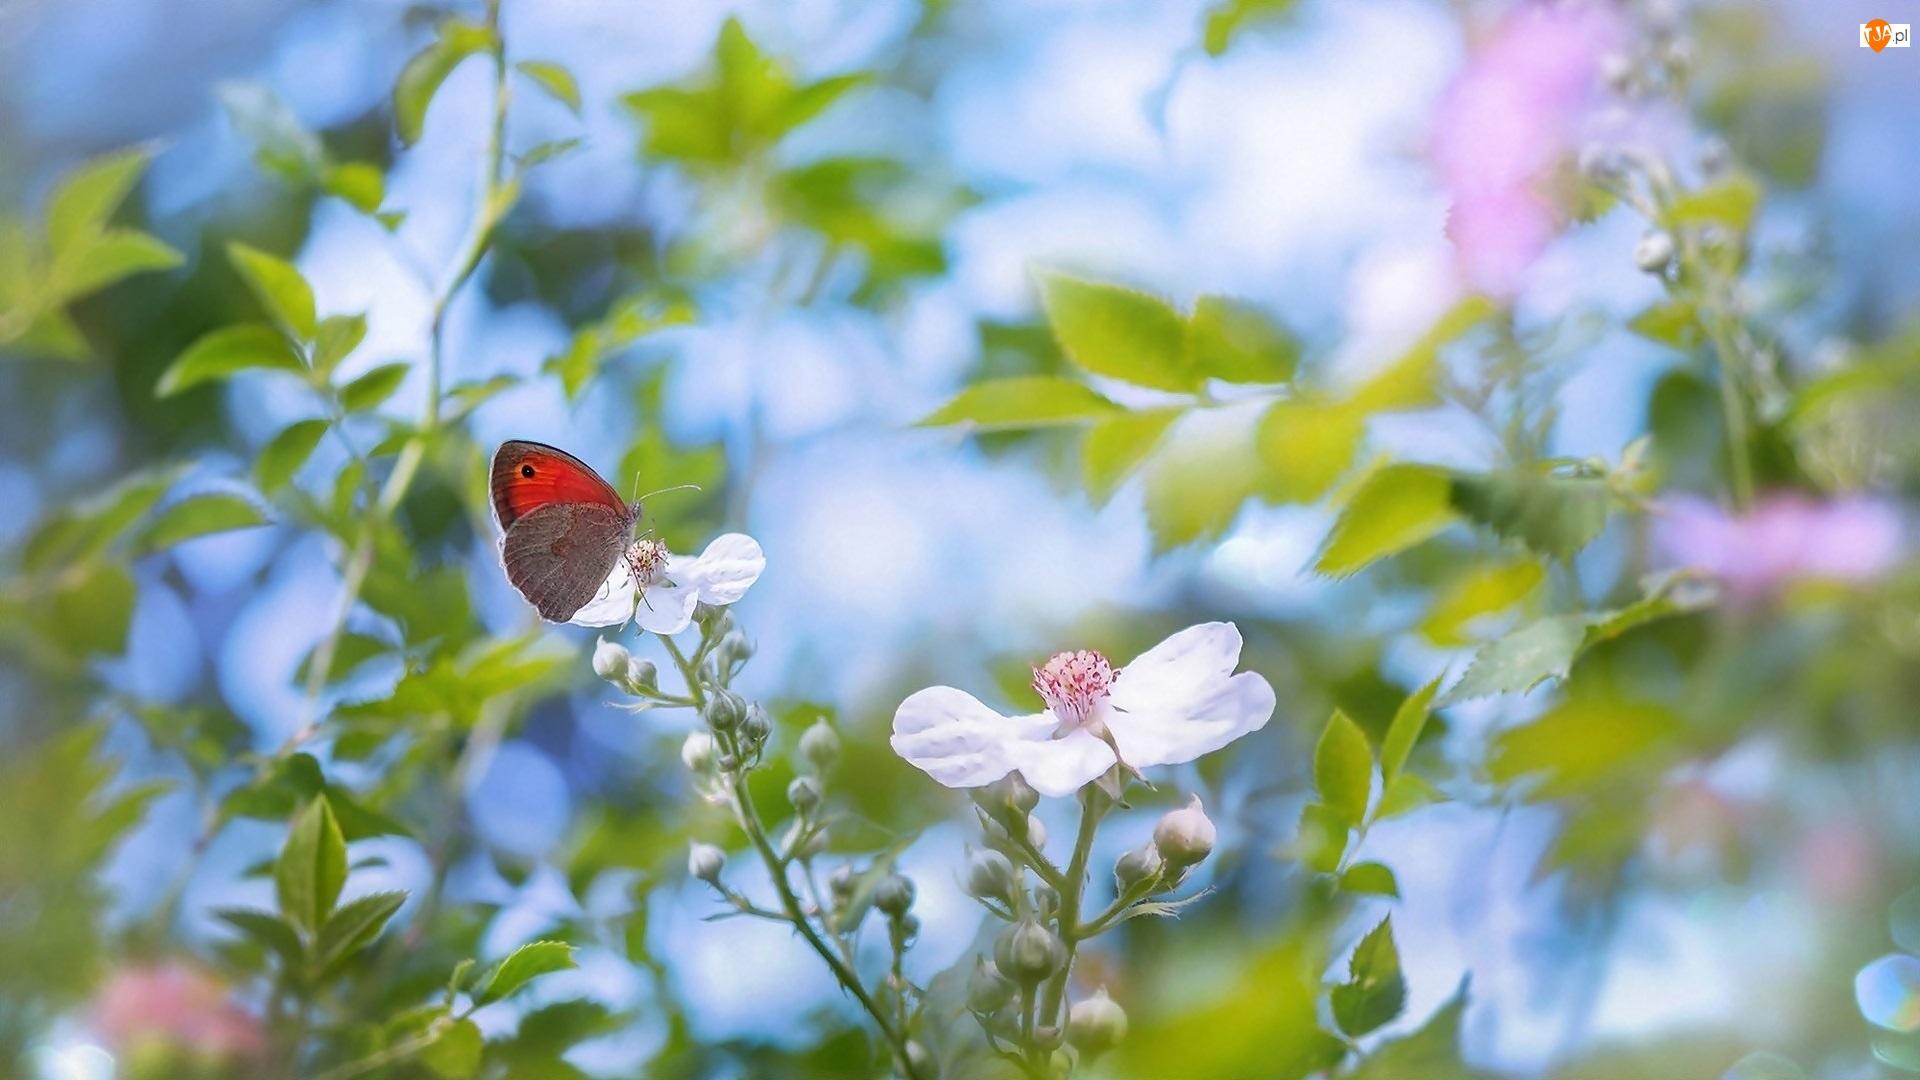 Motyl, Rozmyte tło, Kwiaty, Białe, Przestrojnik titonus